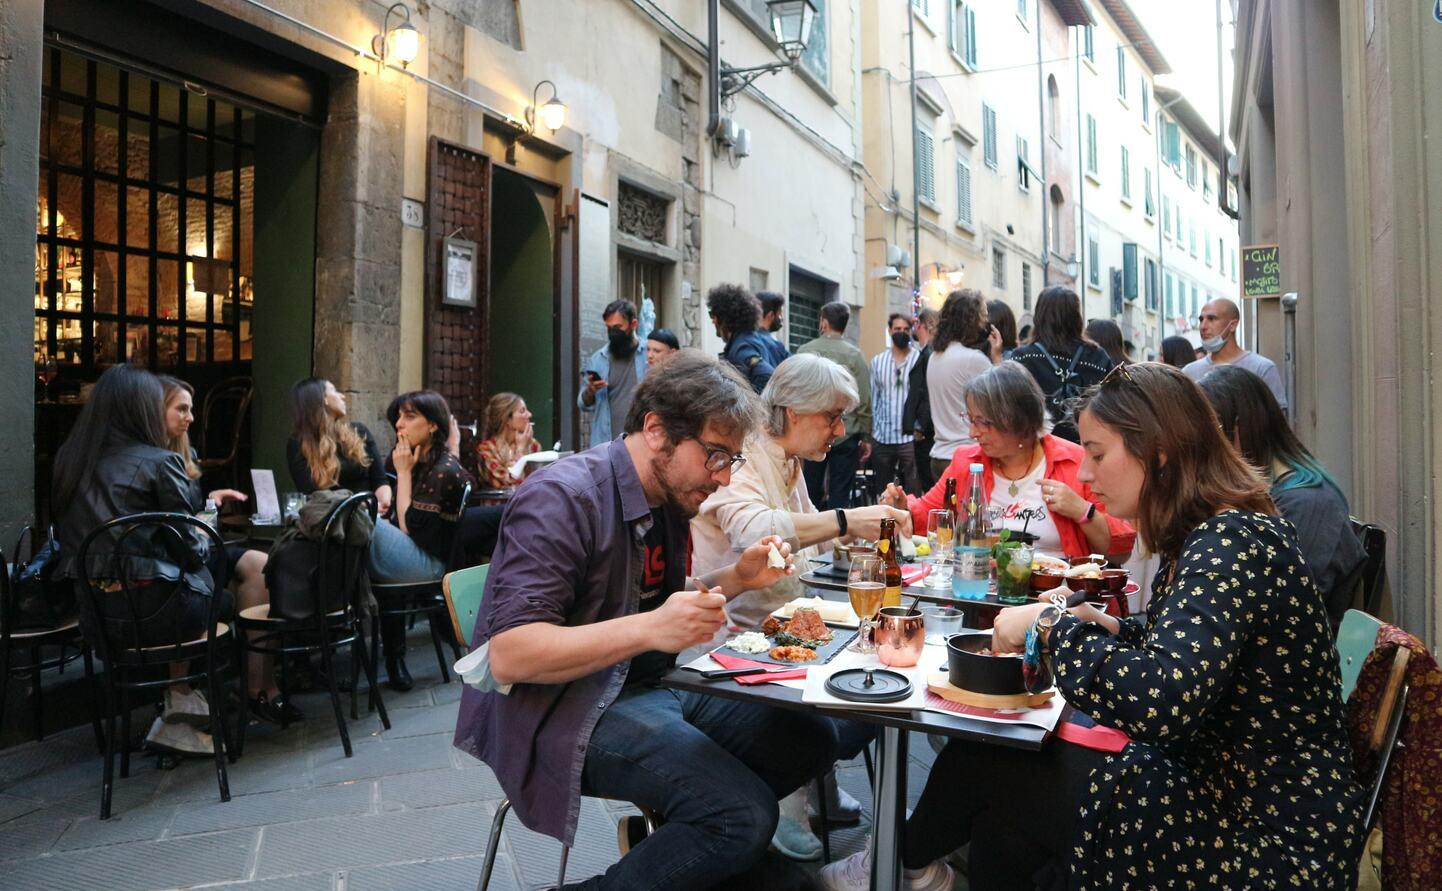 営業が再開されたレストランで食事を楽しむ人々、プラートで撮影